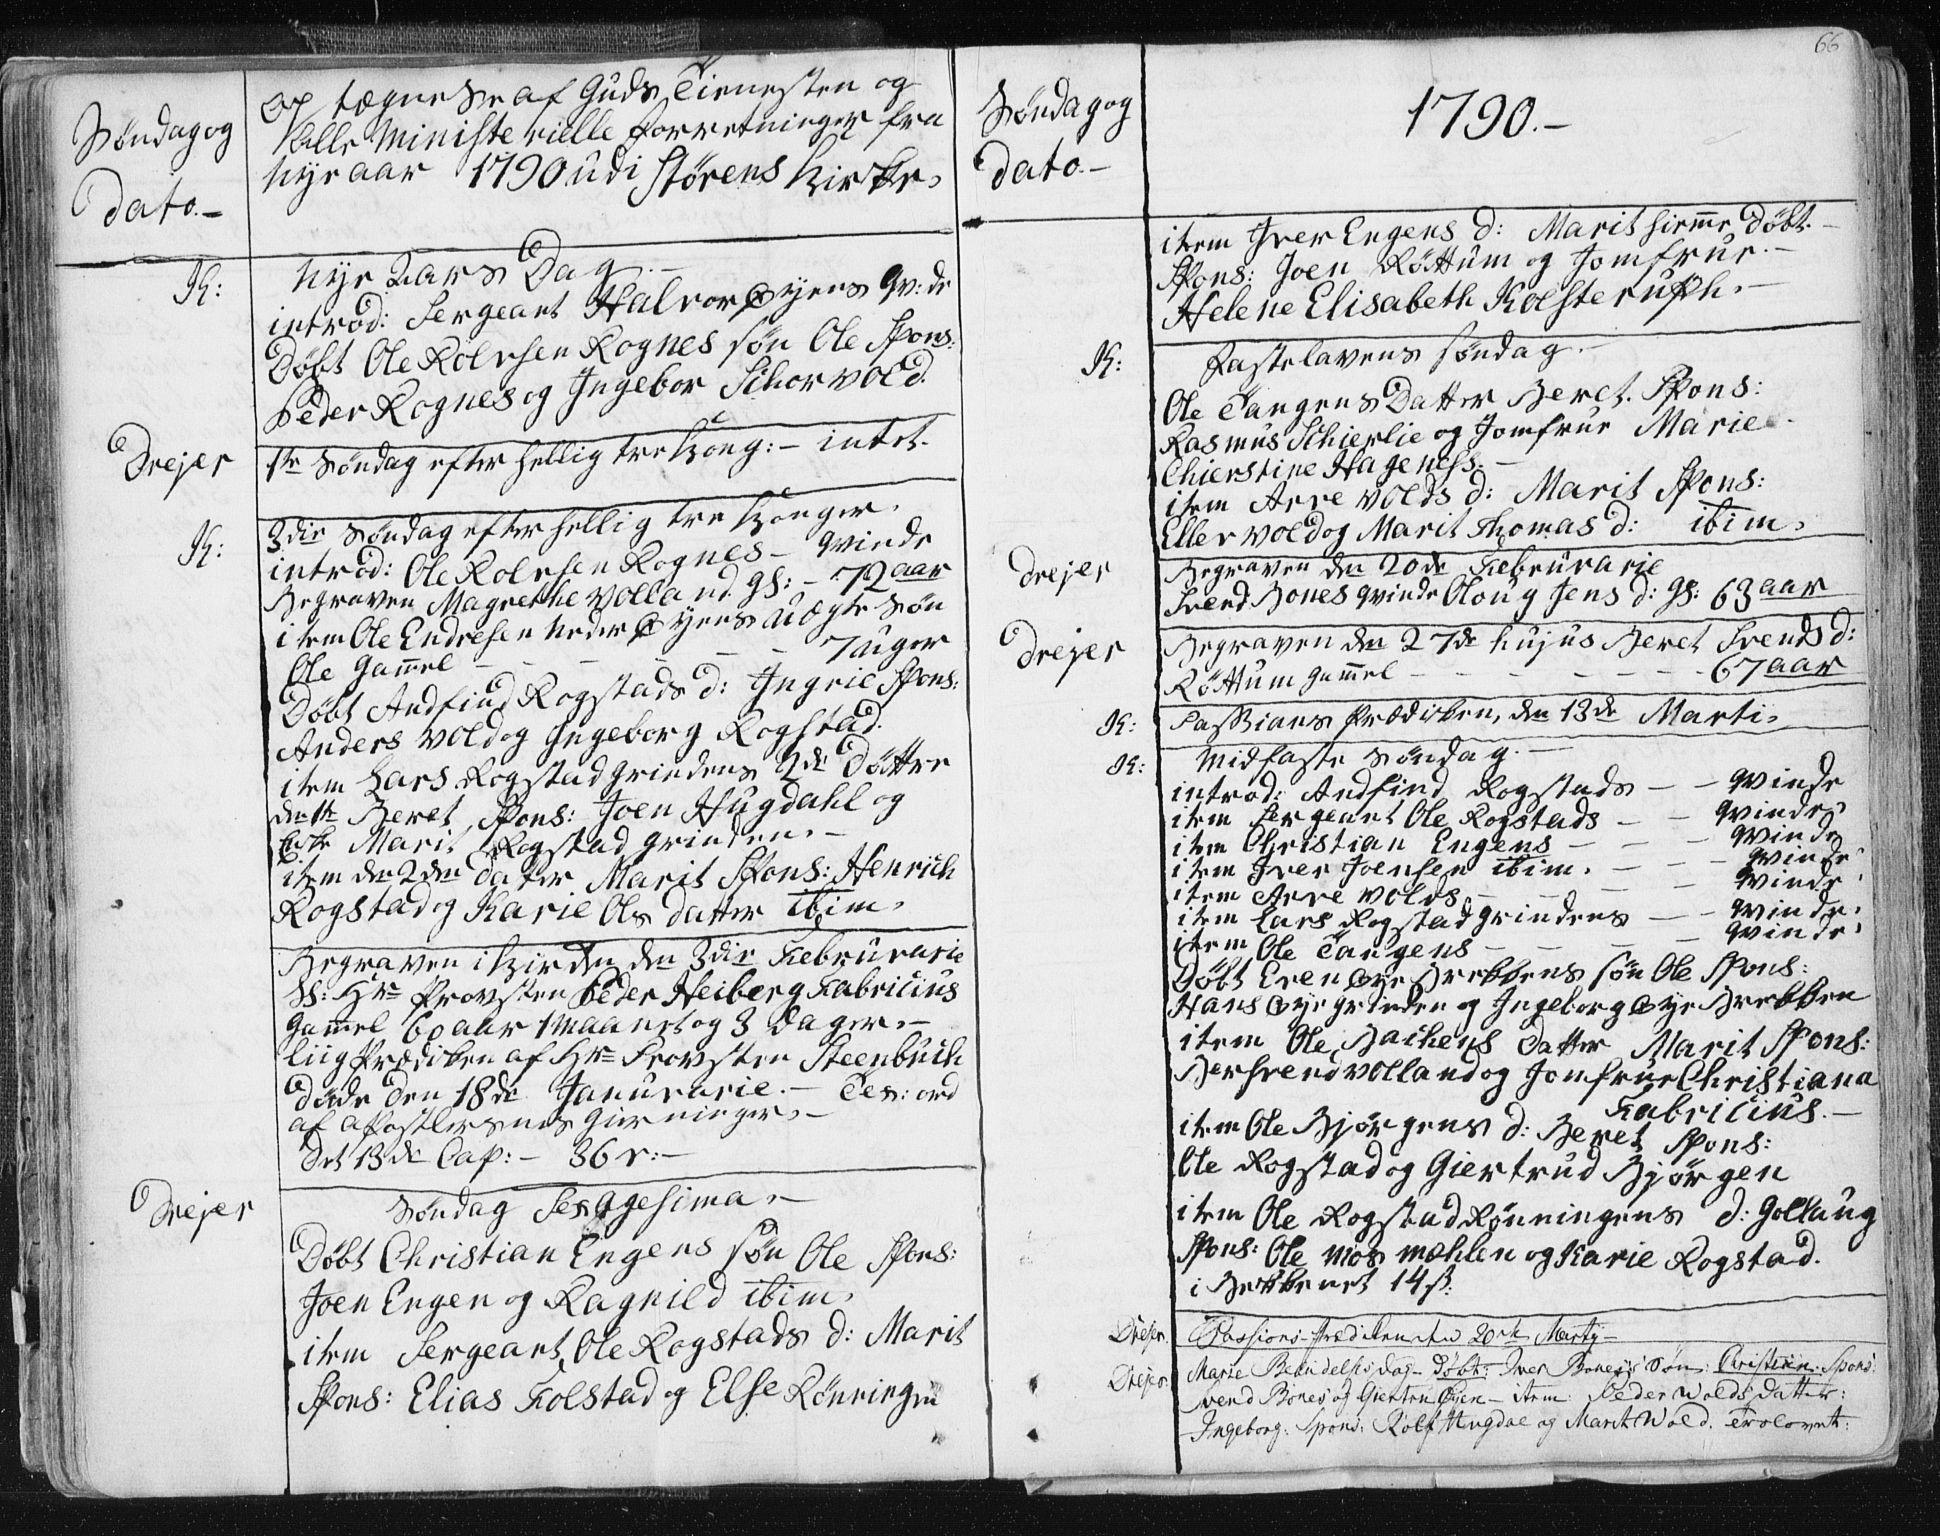 SAT, Ministerialprotokoller, klokkerbøker og fødselsregistre - Sør-Trøndelag, 687/L0991: Ministerialbok nr. 687A02, 1747-1790, s. 66